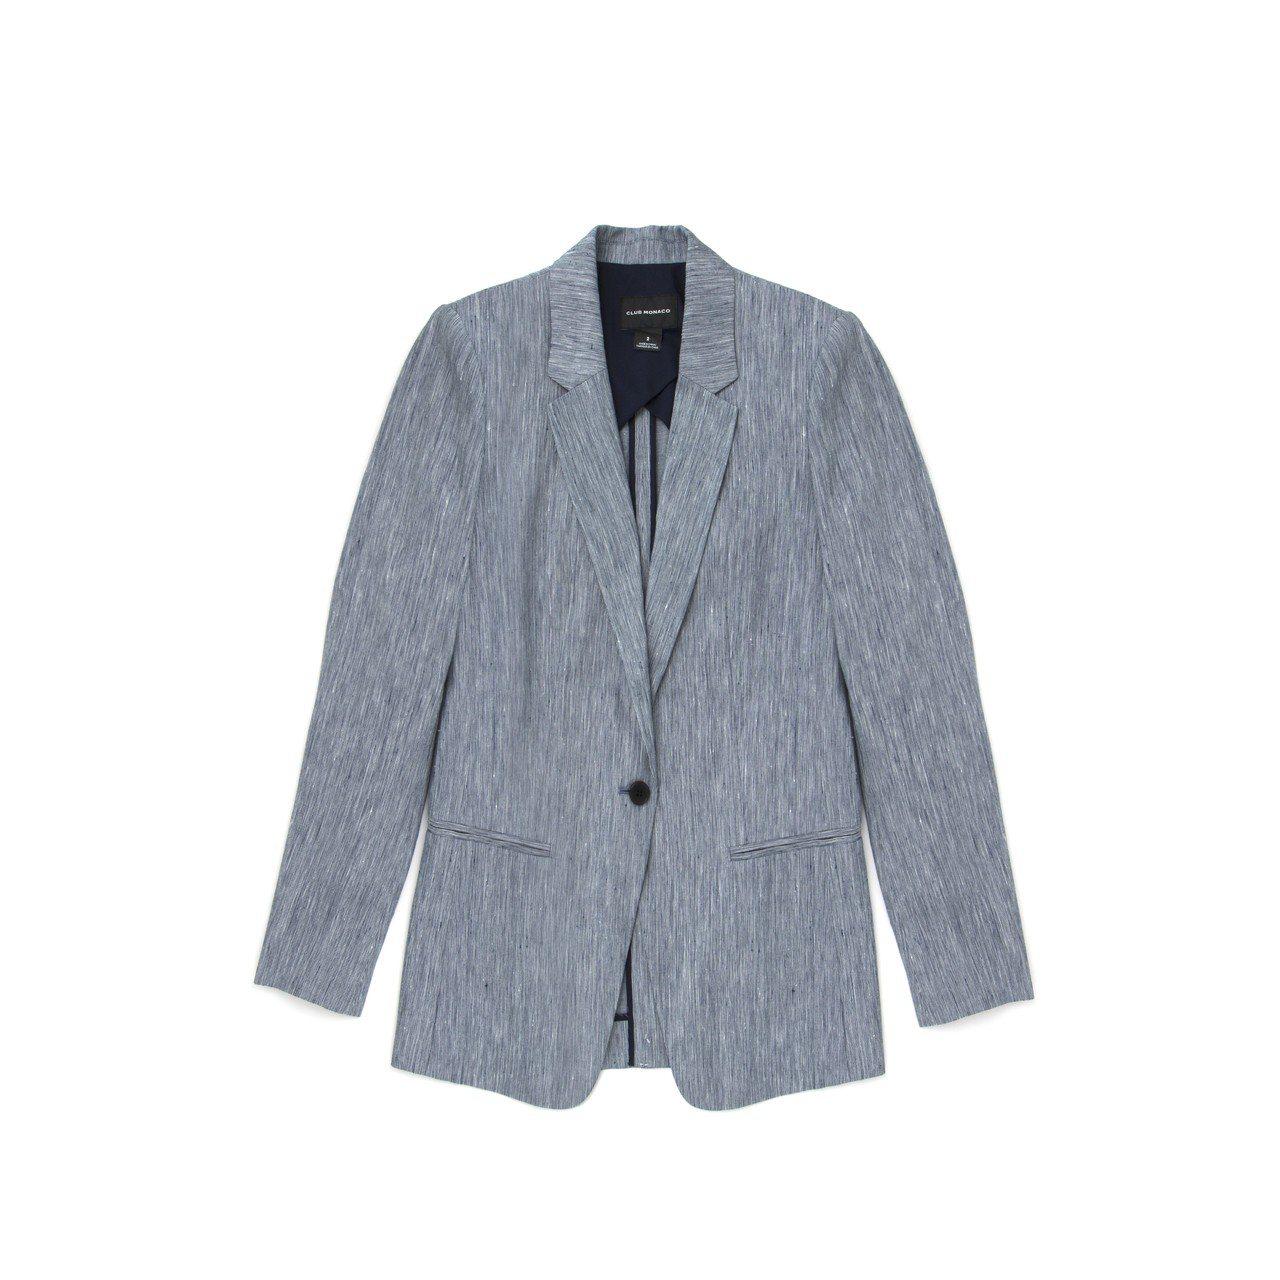 西裝外套,12,900元。圖/Club Monaco提供